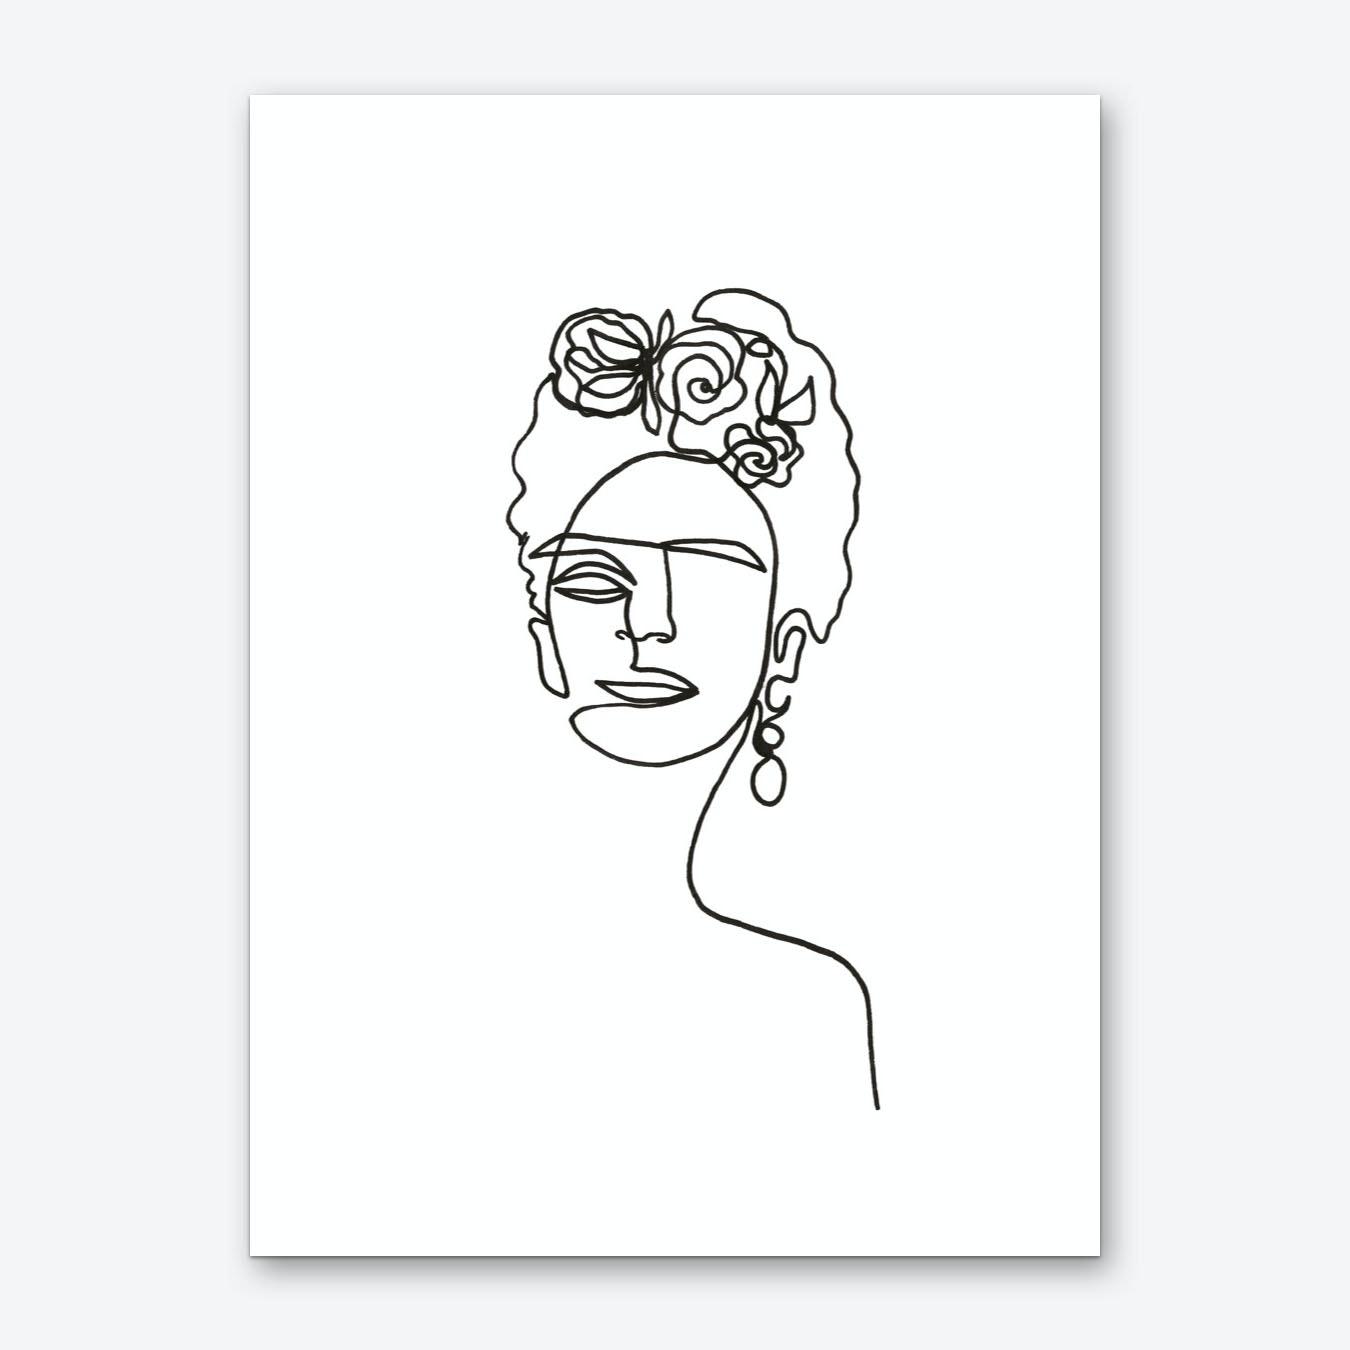 Frida kahlo art print by julia hariri